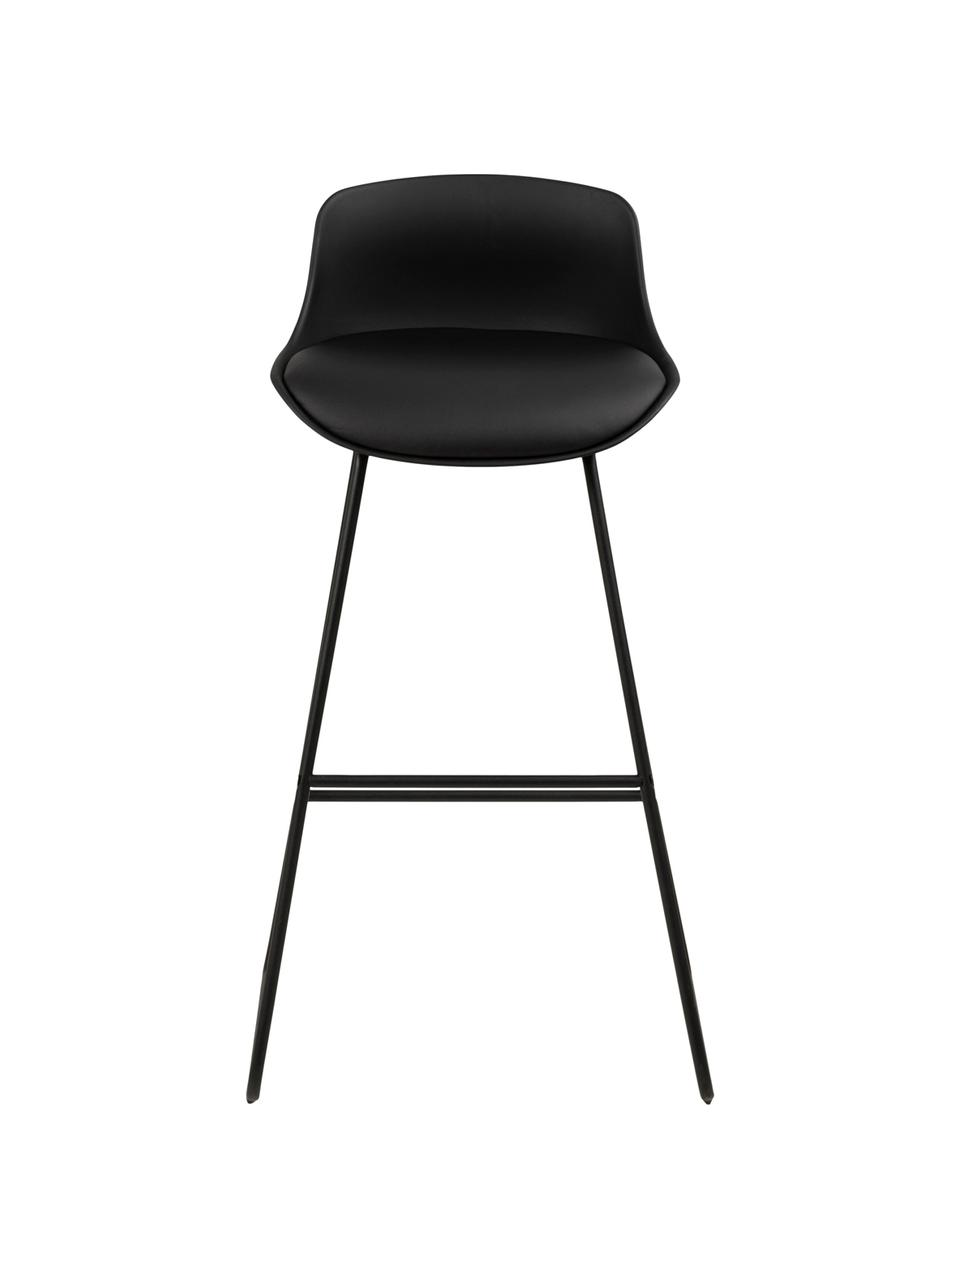 Kunstleder-Barstühle Tina, 2 Stück, Bezug: Kunstleder (Polyurethan), Beine: Metall, pulverbeschichtet, Schwarz, B 43 x T 49 cm